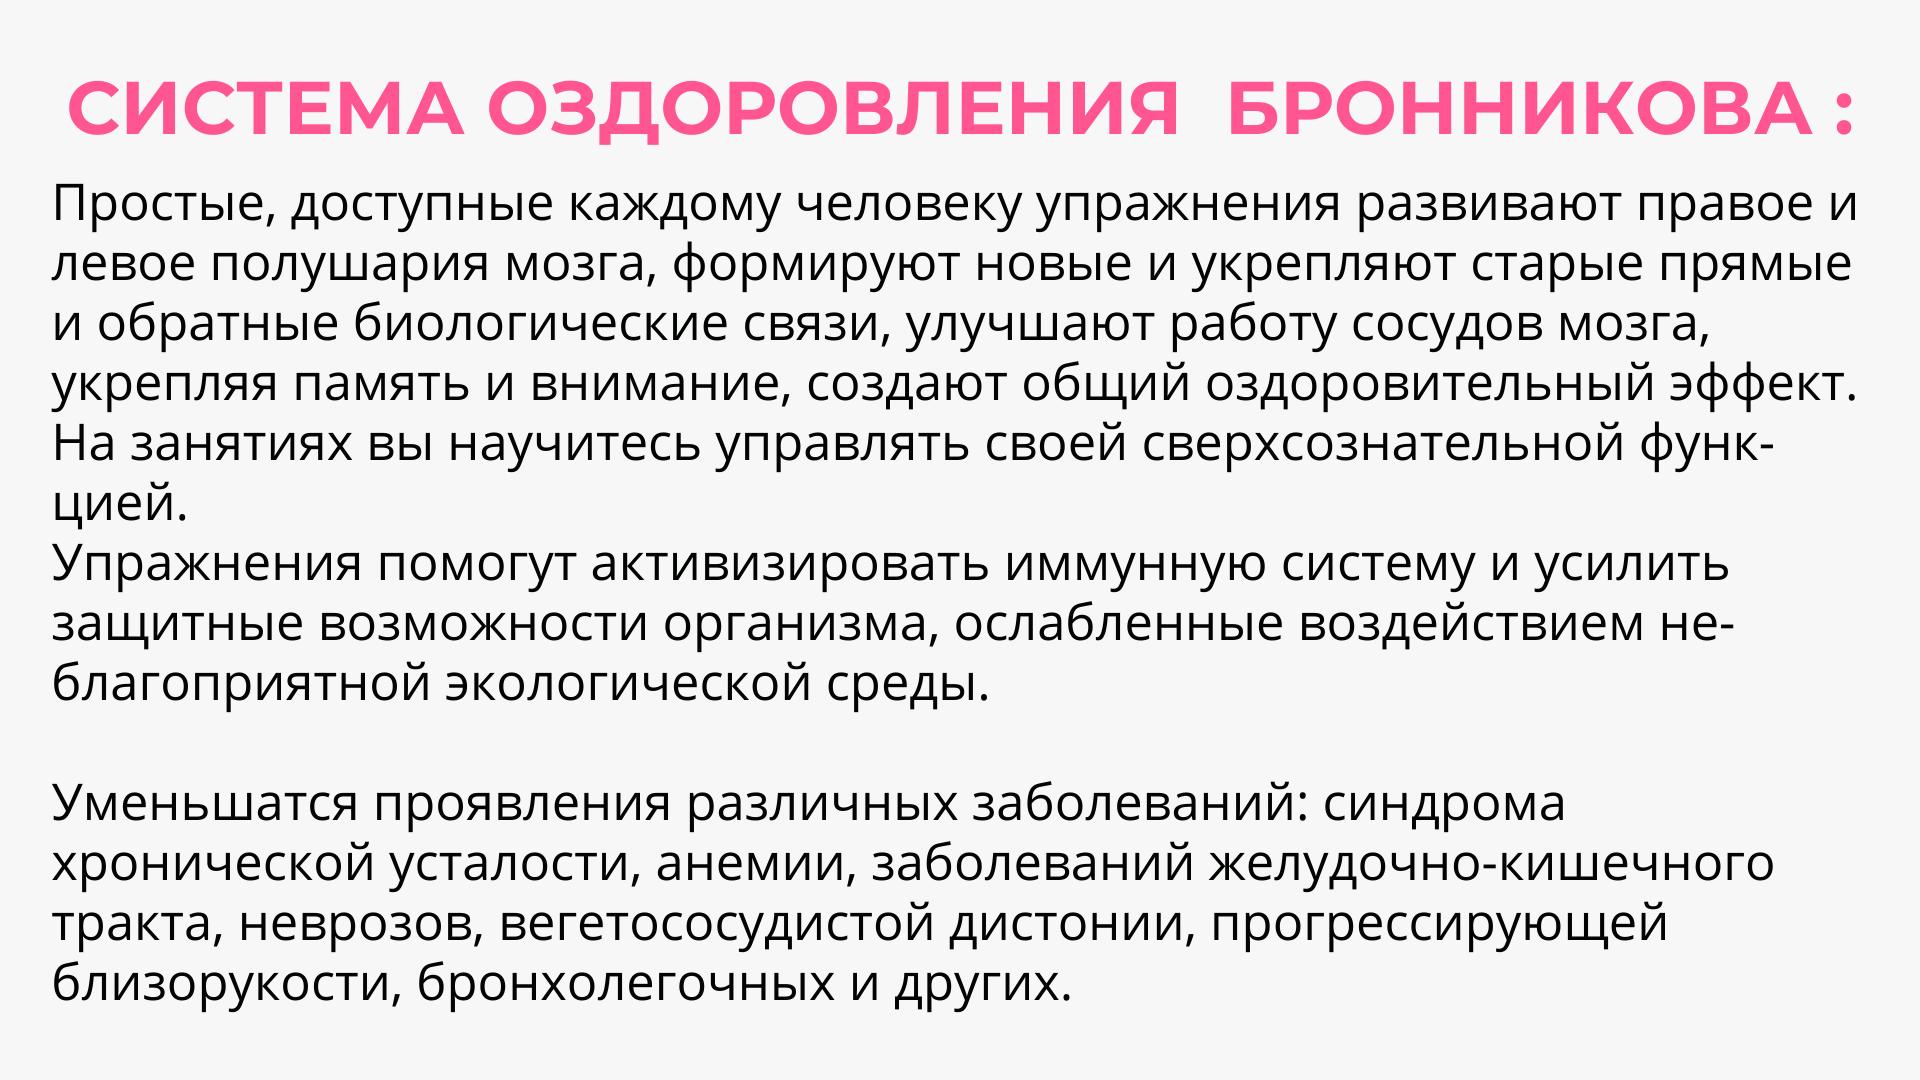 Система оздоровления Бронникова.